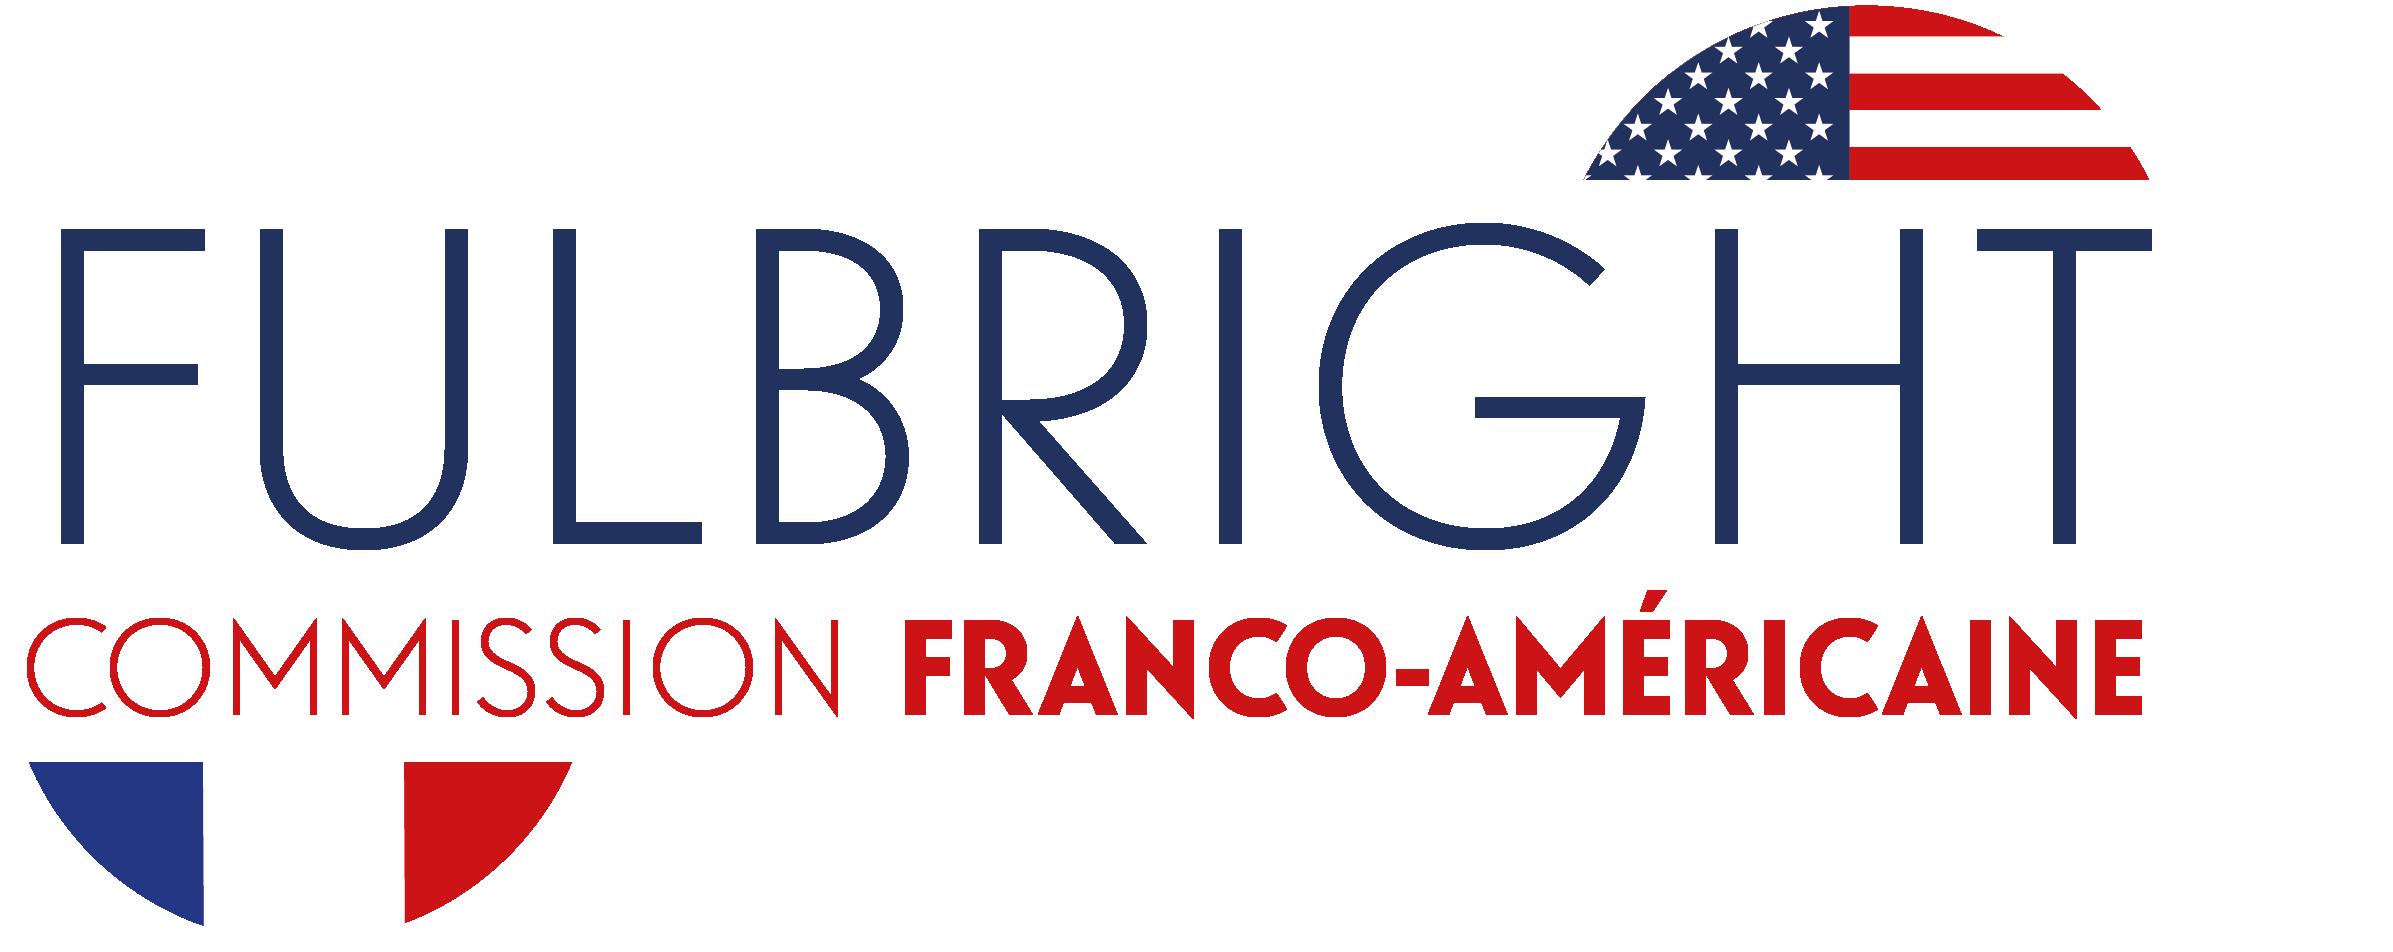 Commission Franco-Américaine